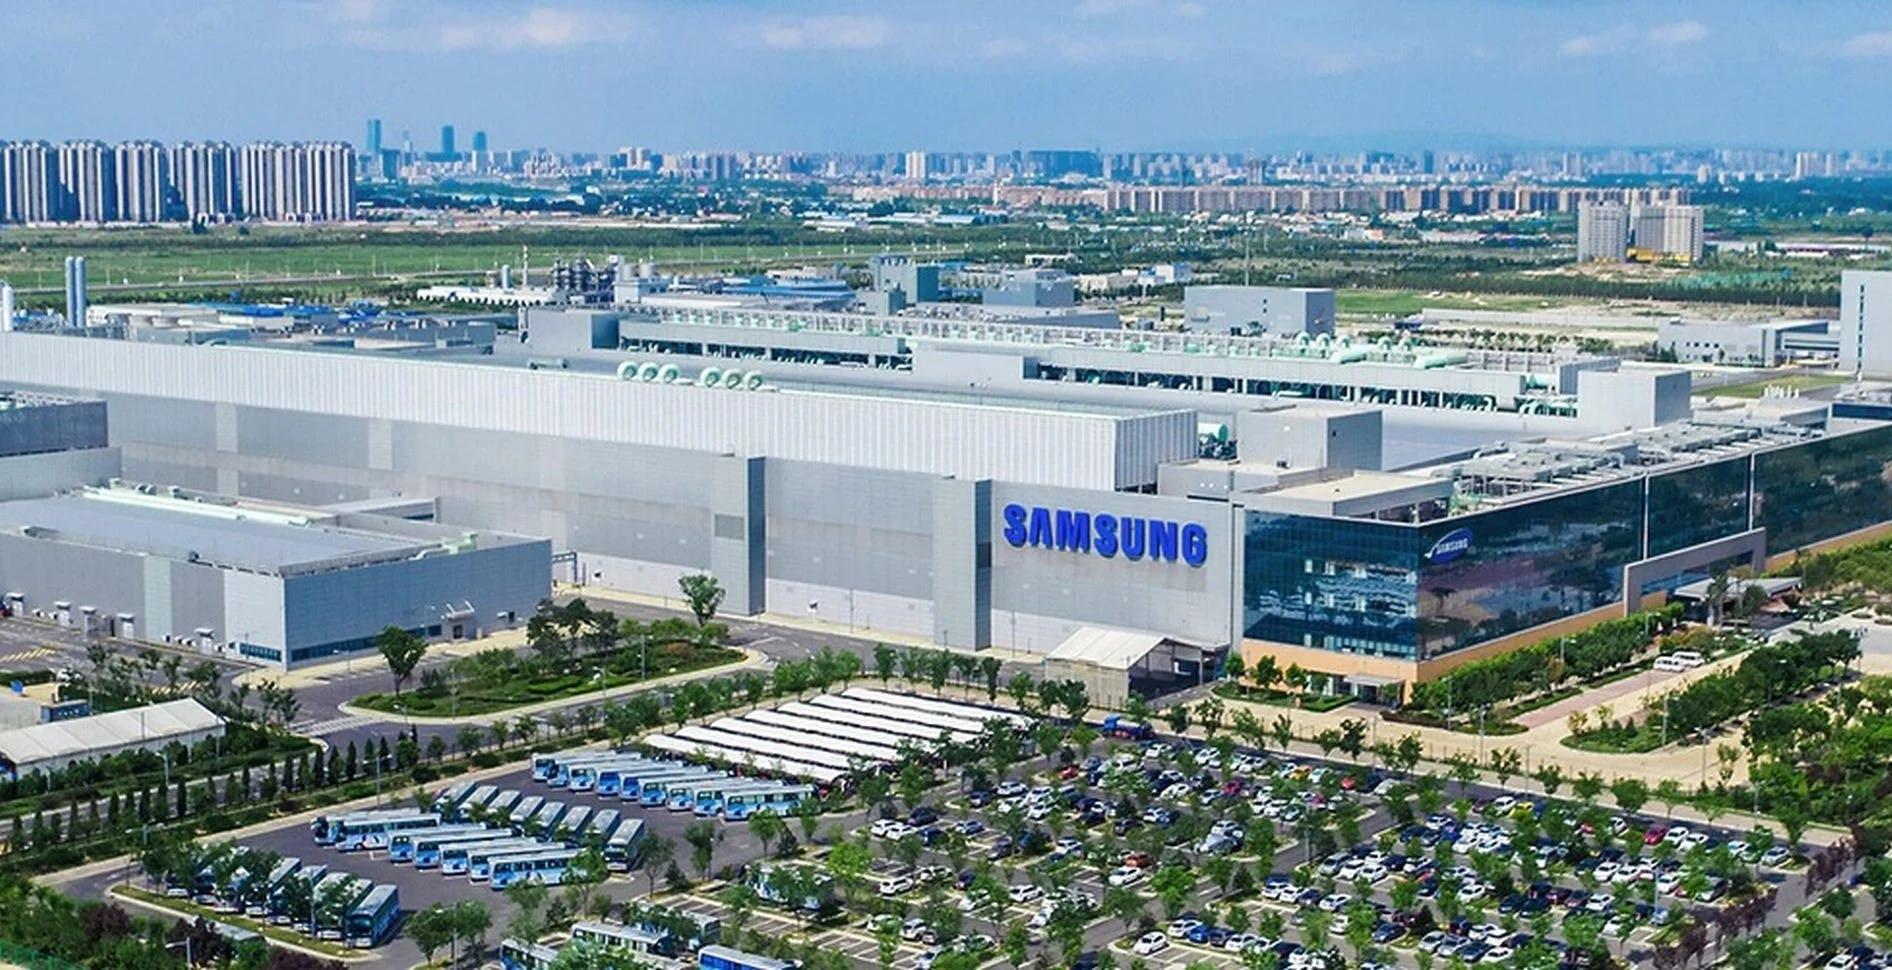 Samsung, il Q2 2021 è da record grazie alla divisione semiconduttori. Rallentano le vendite di smartphone